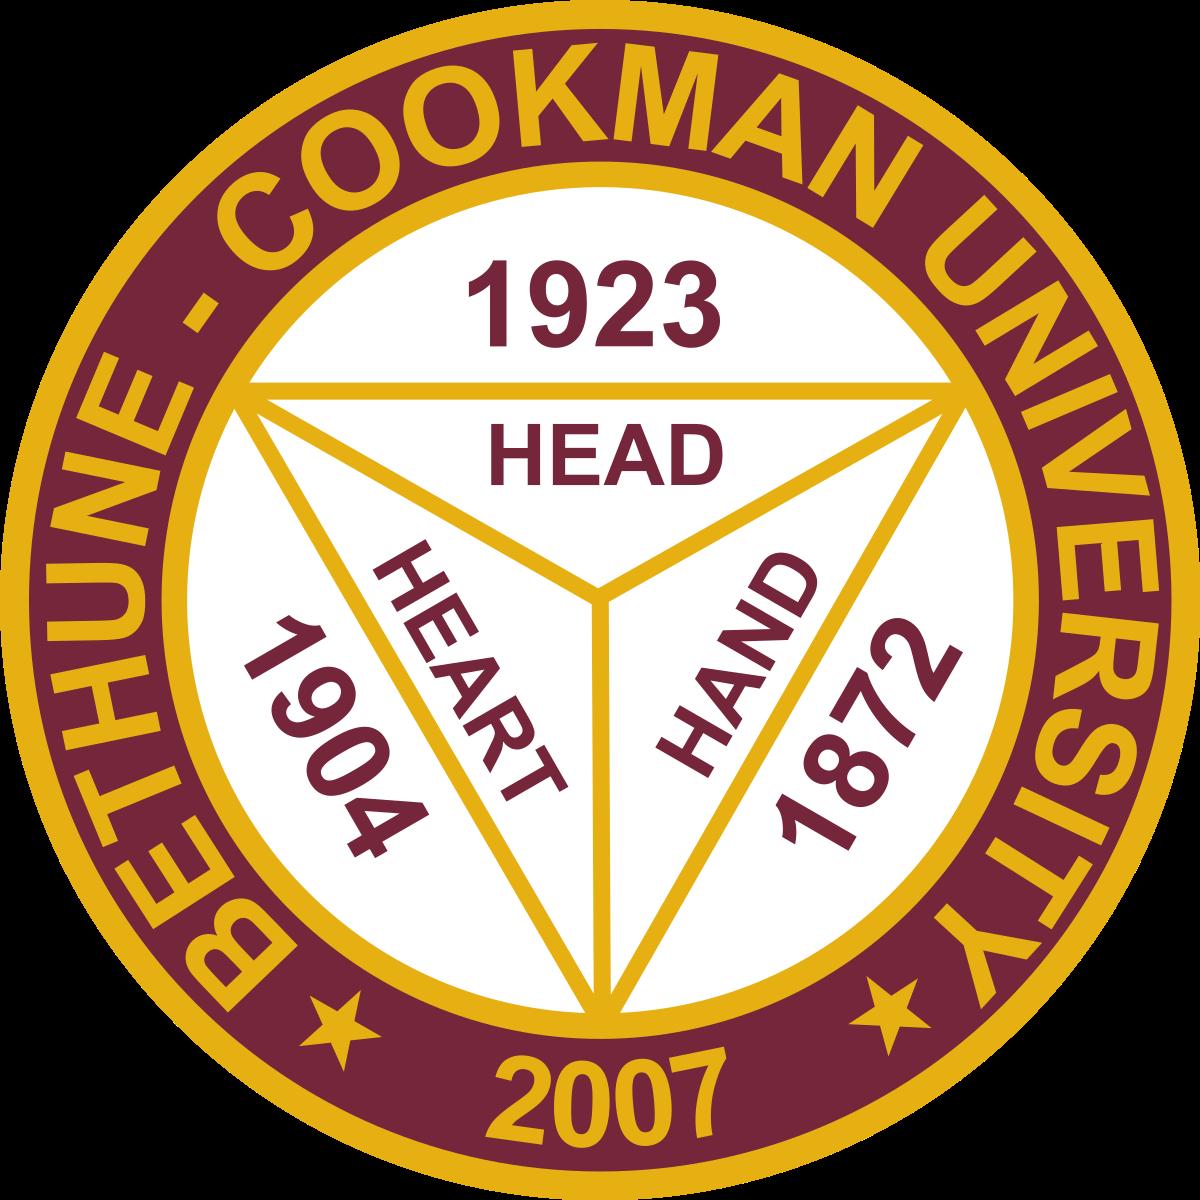 Bethune Cookman